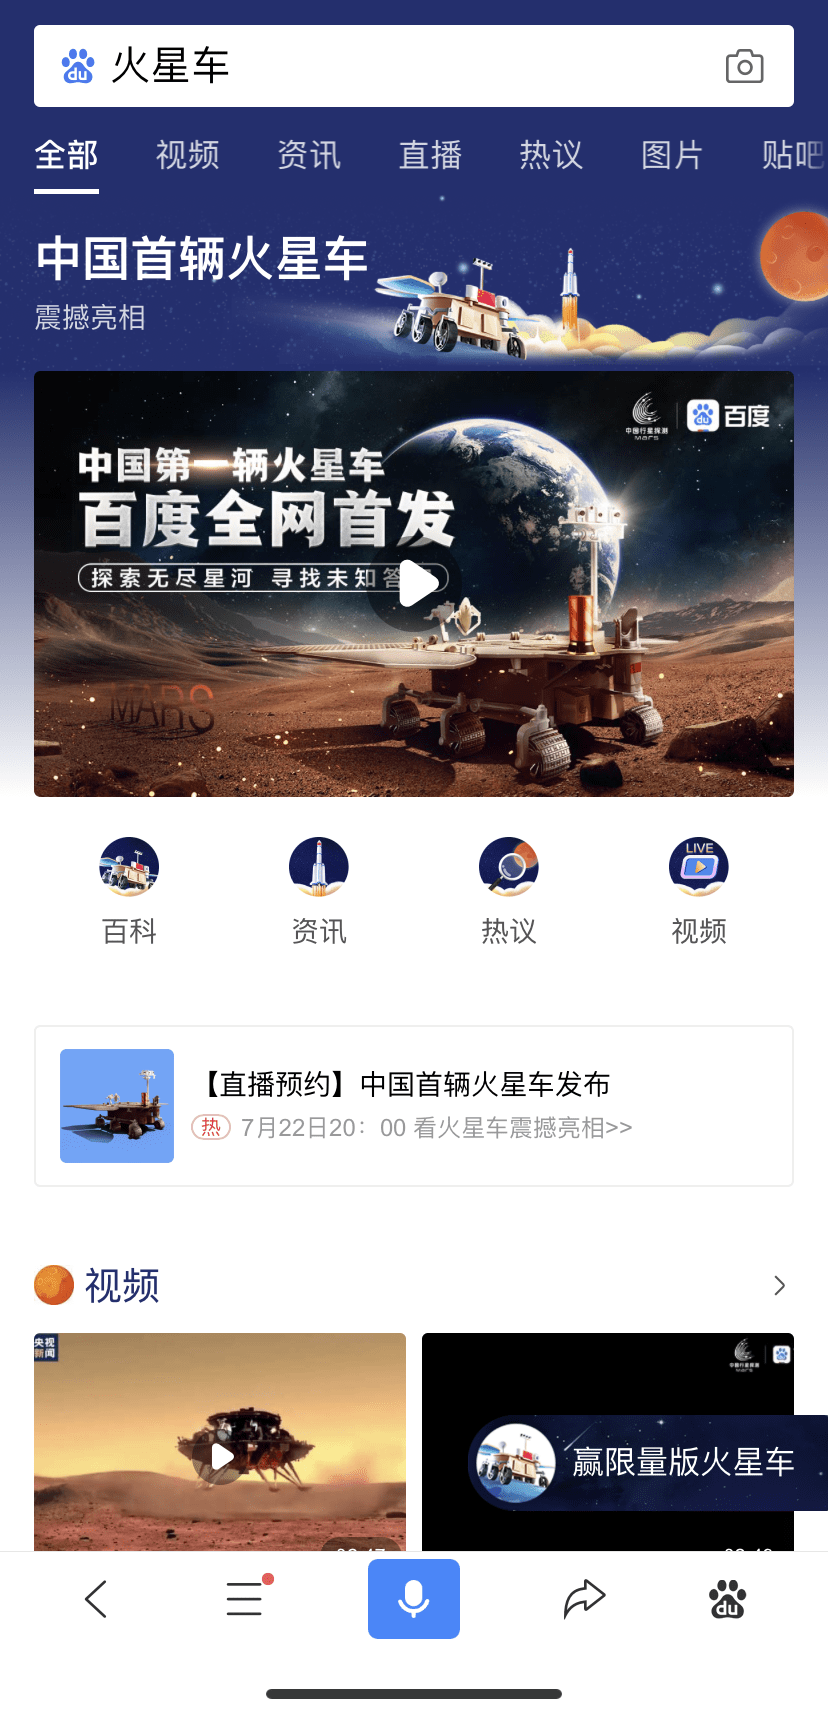 远离网吧百度APP联合中国火星探测工程